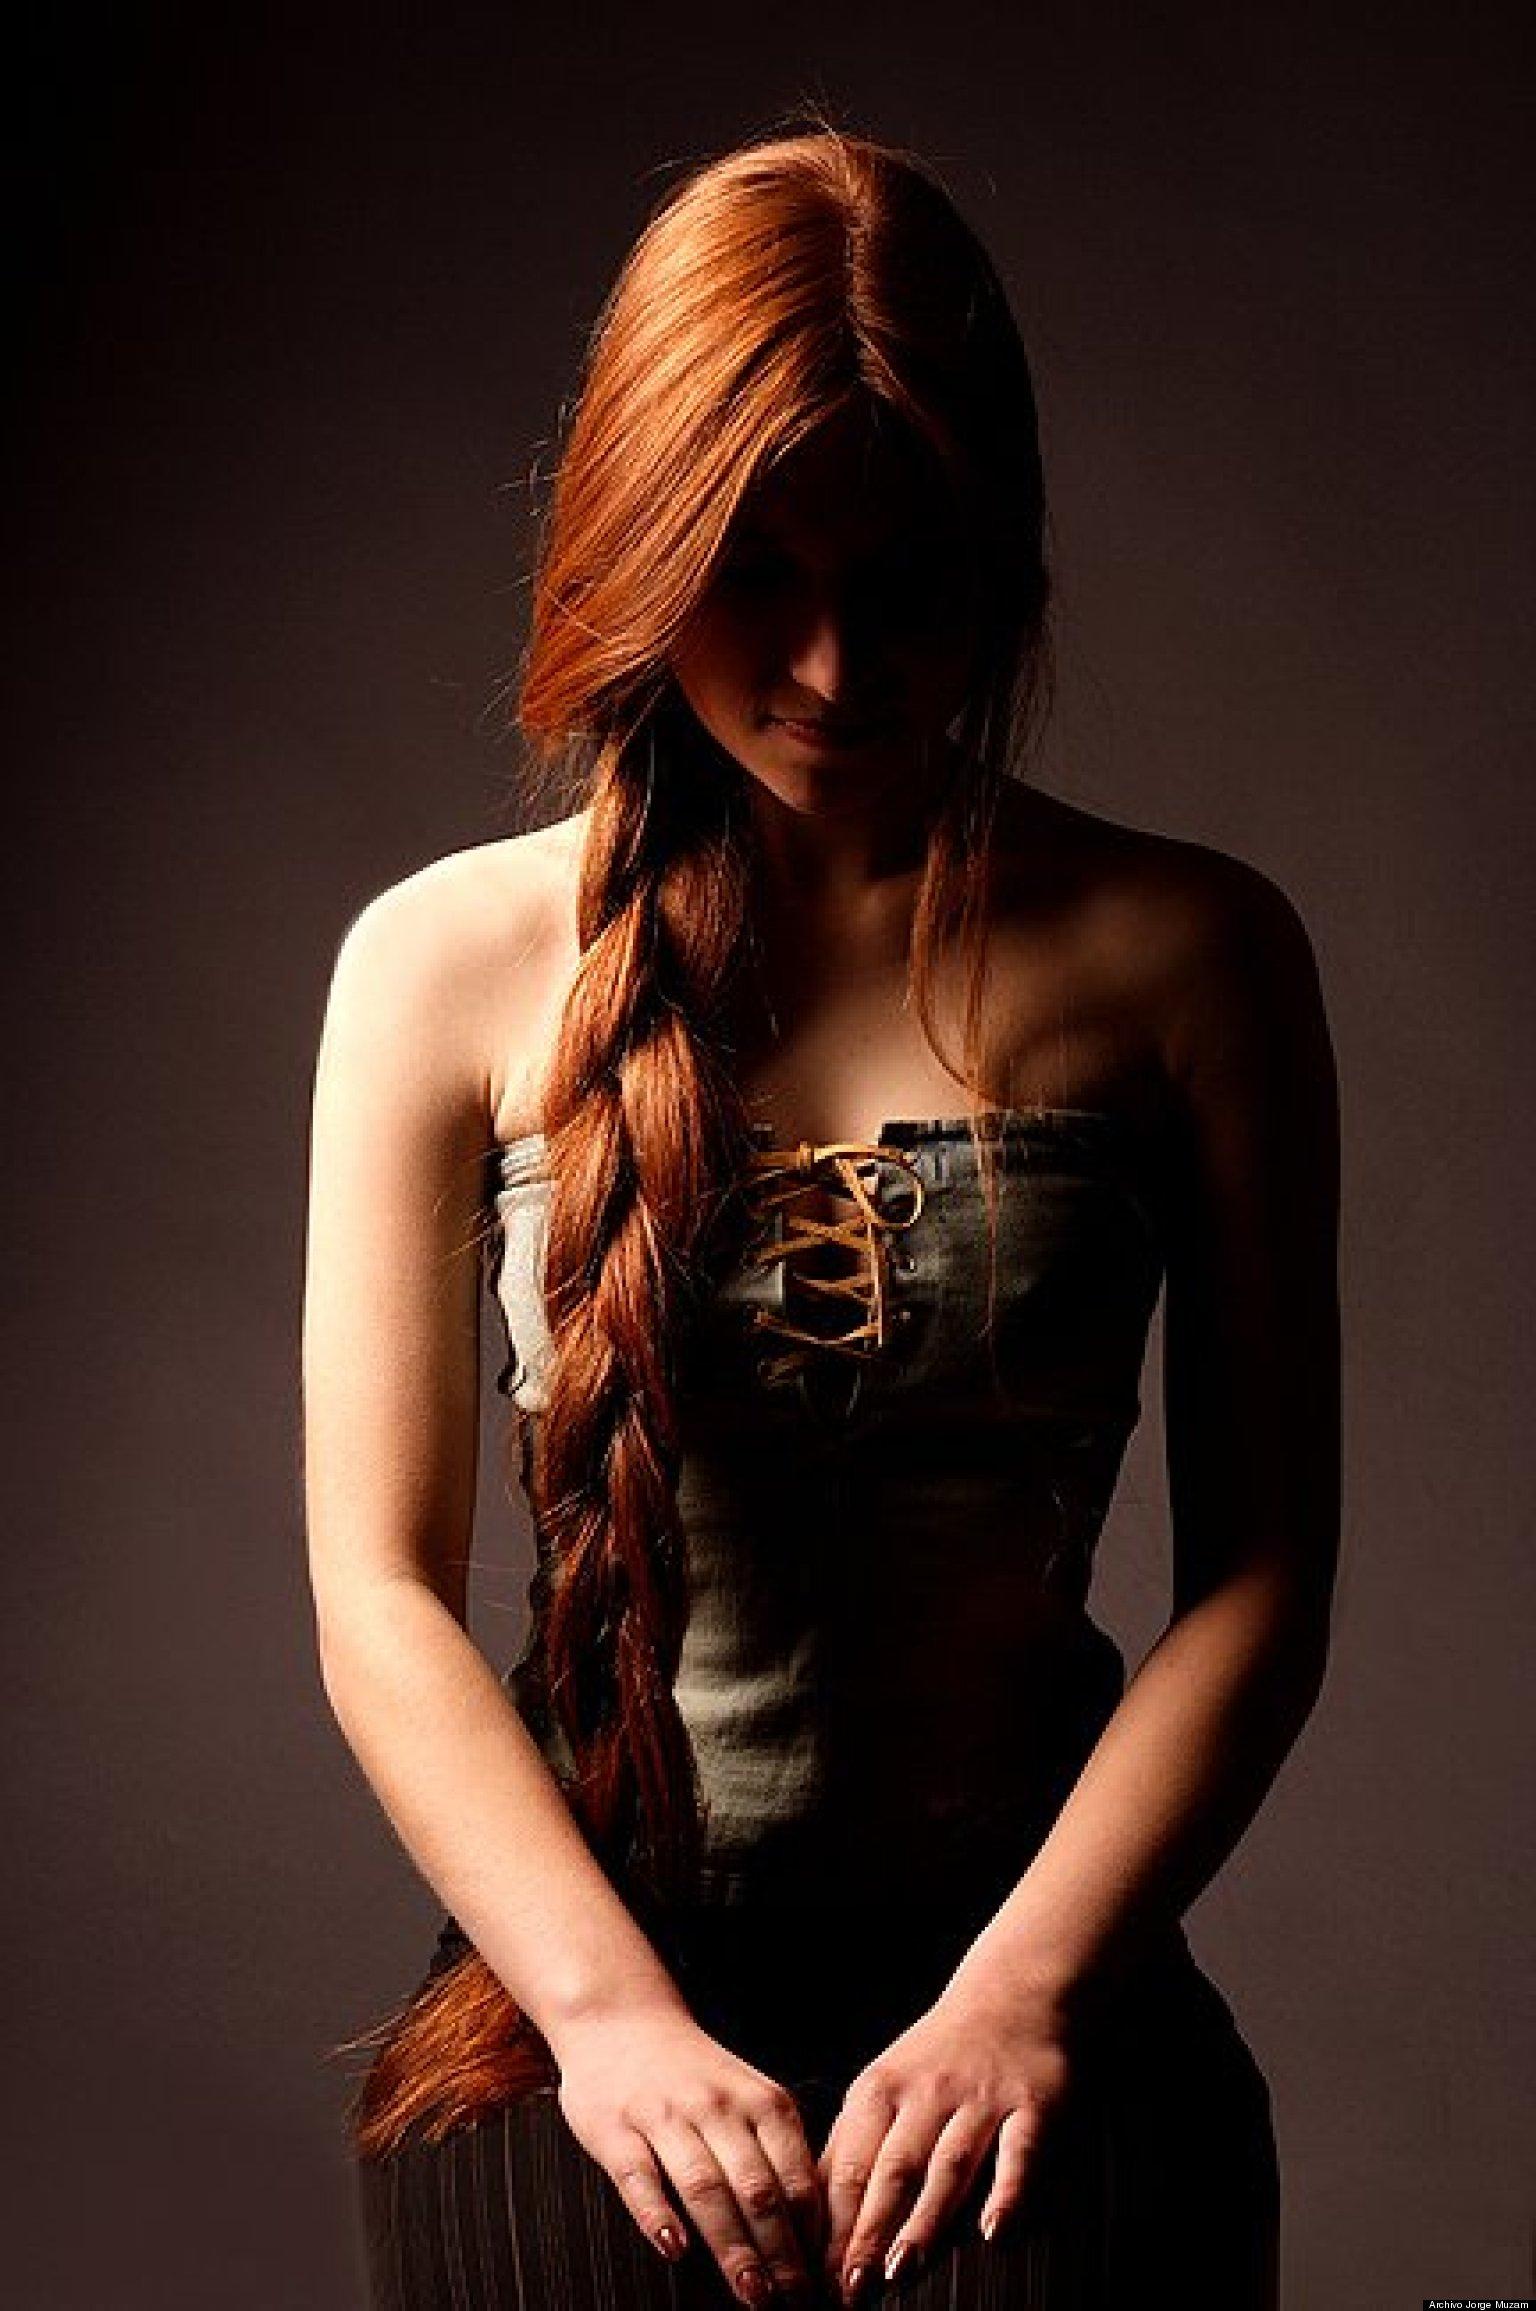 Рыжая косичка девка 12 фотография